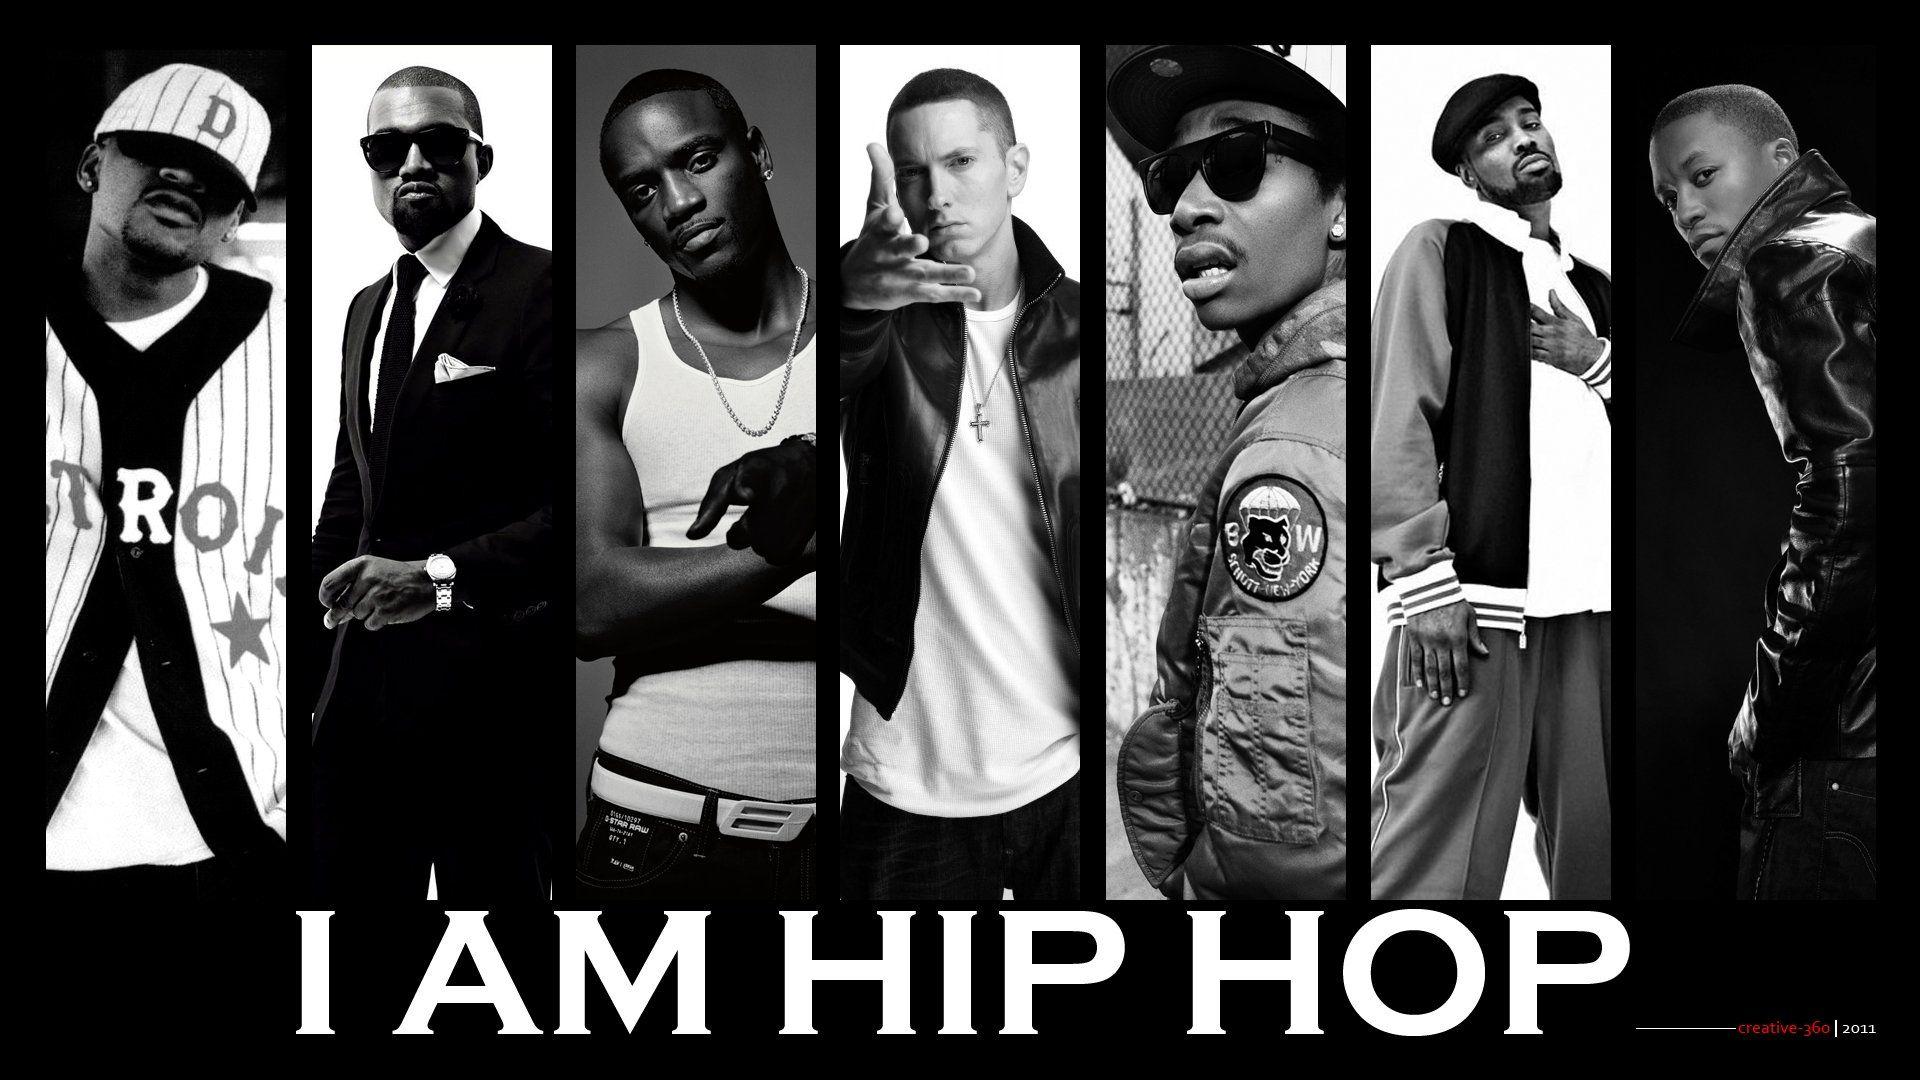 хип хоп обои для телефона спортзале